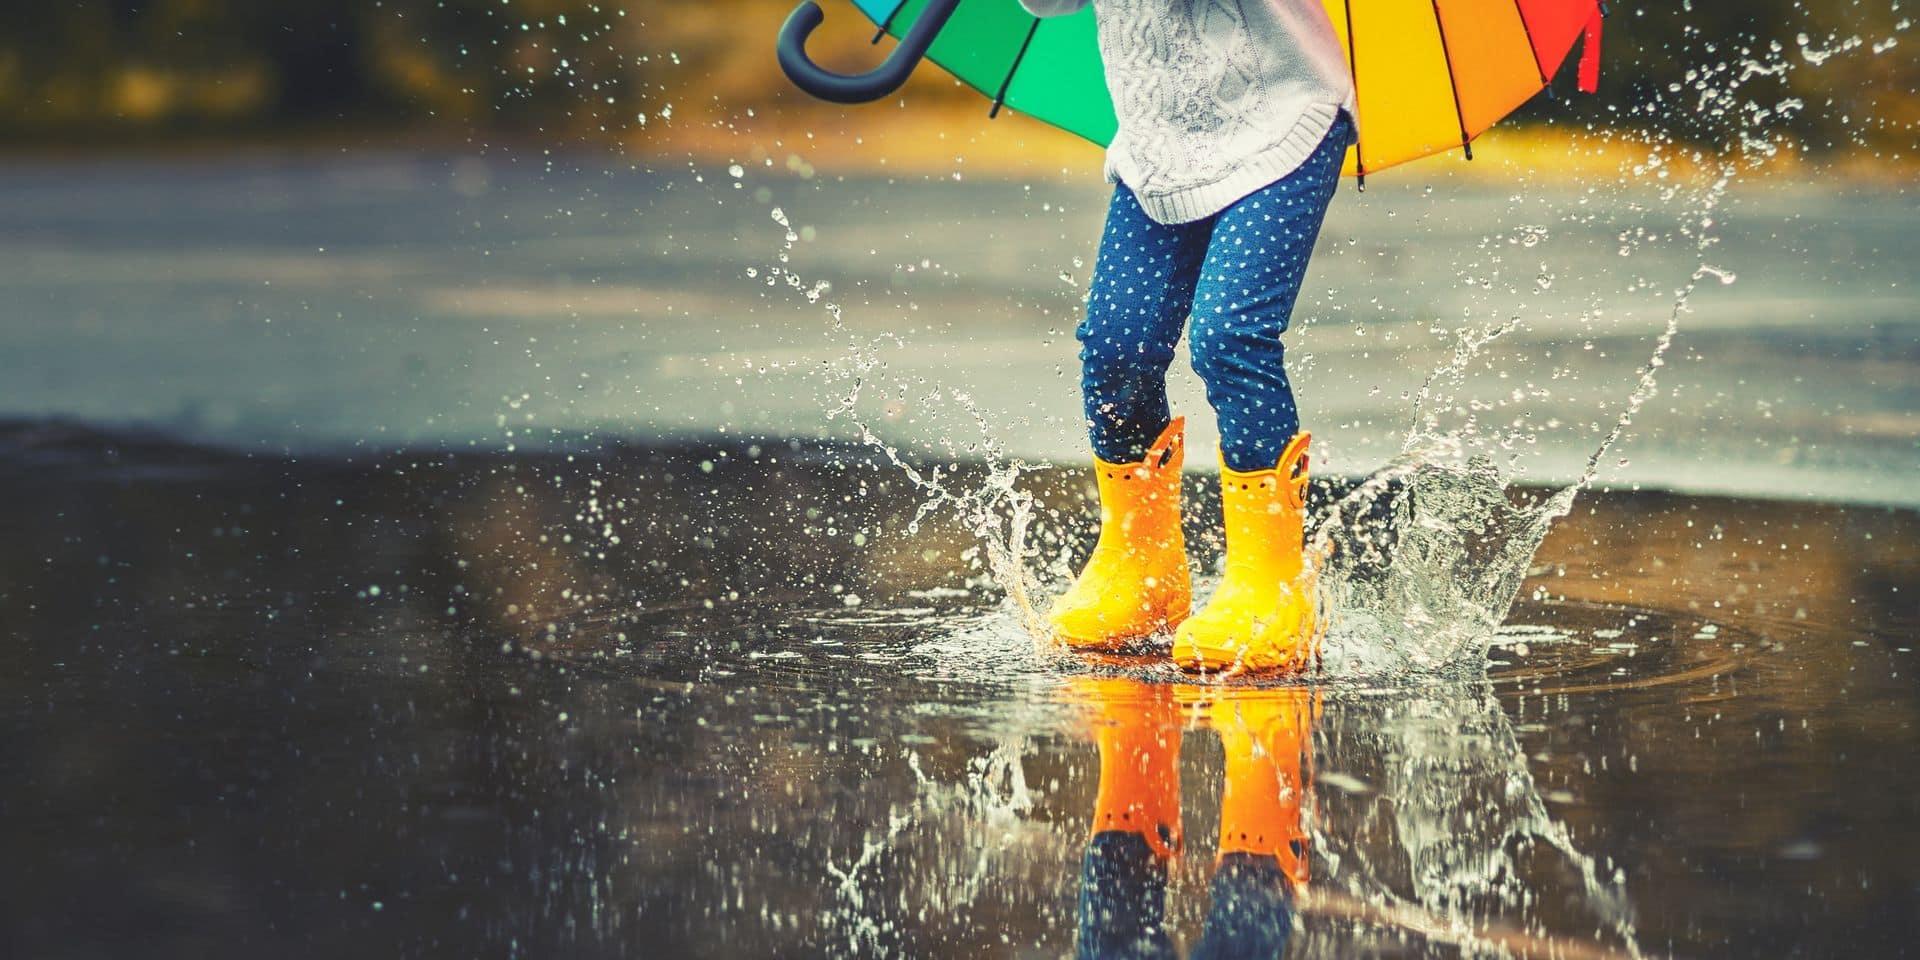 Météo: encore de la pluie ces prochains jours avant un temps plus sec